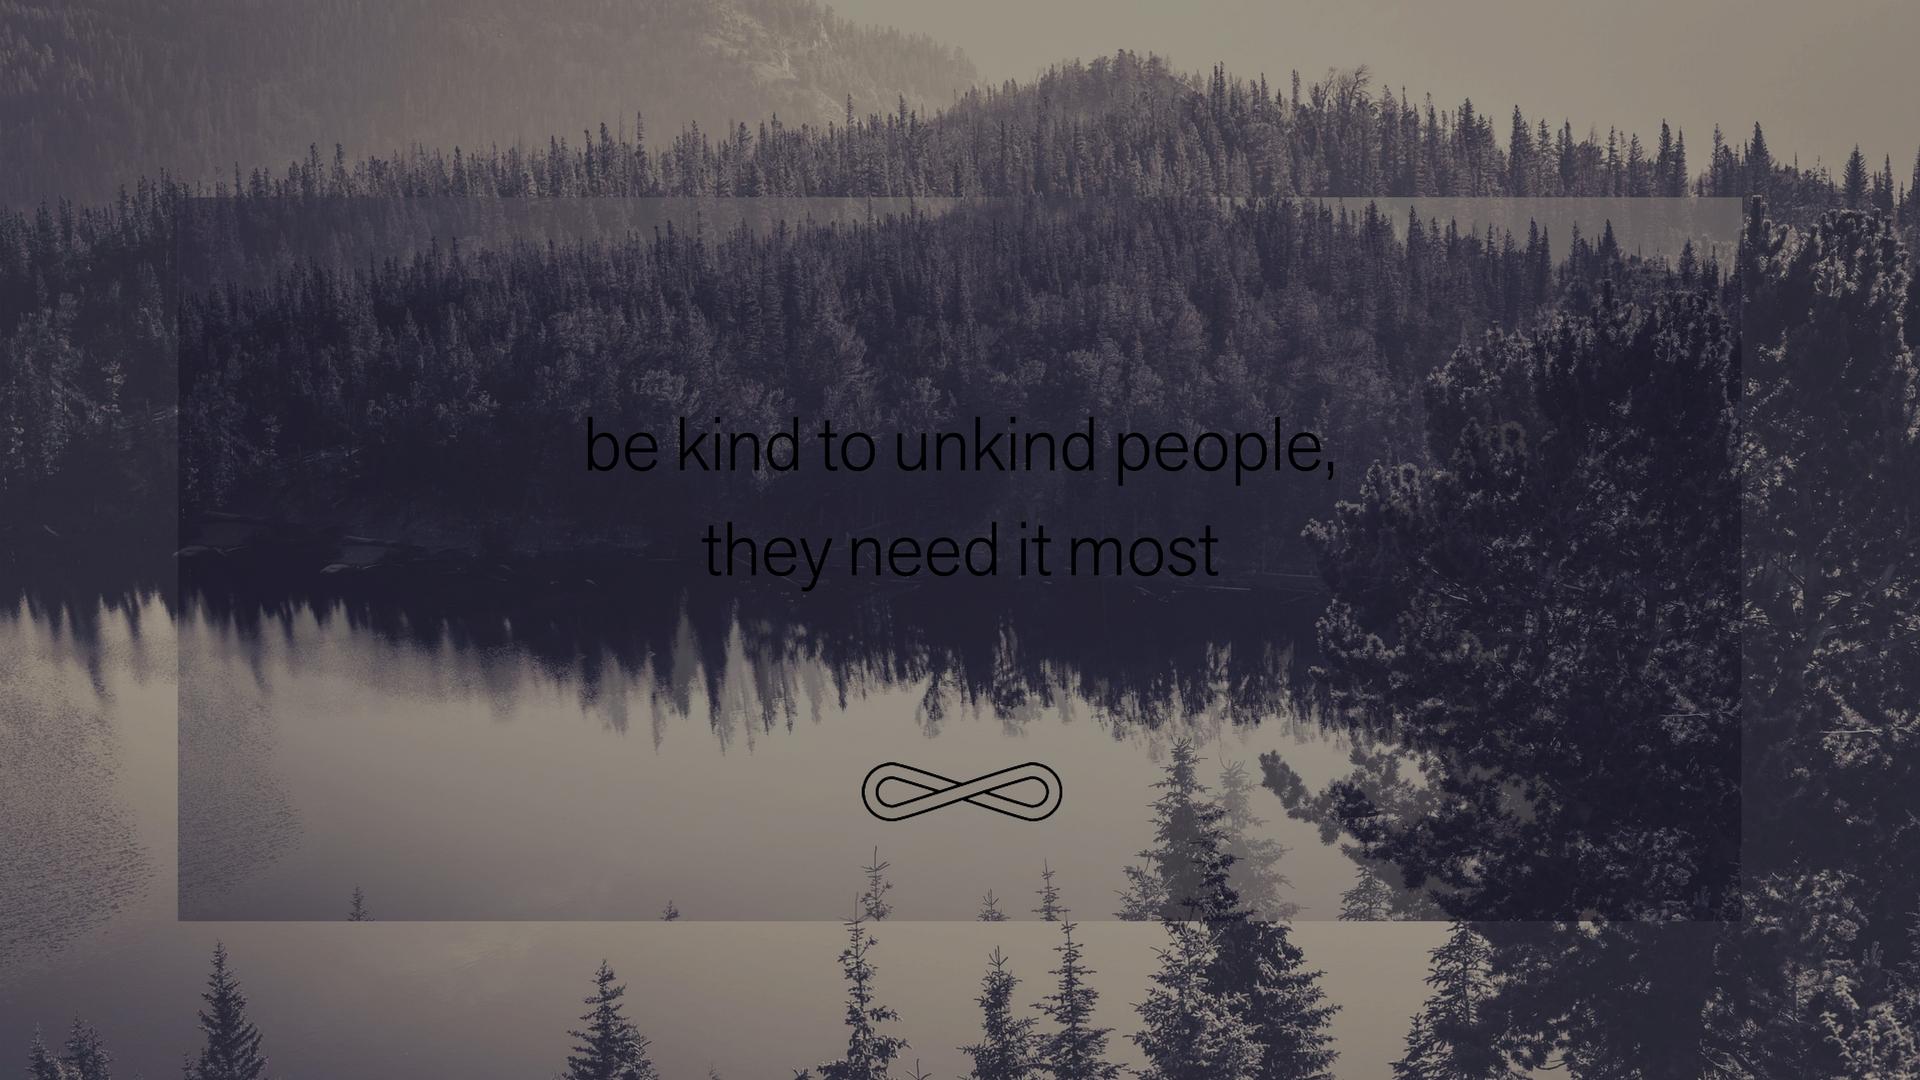 be kind, always (1).jpg